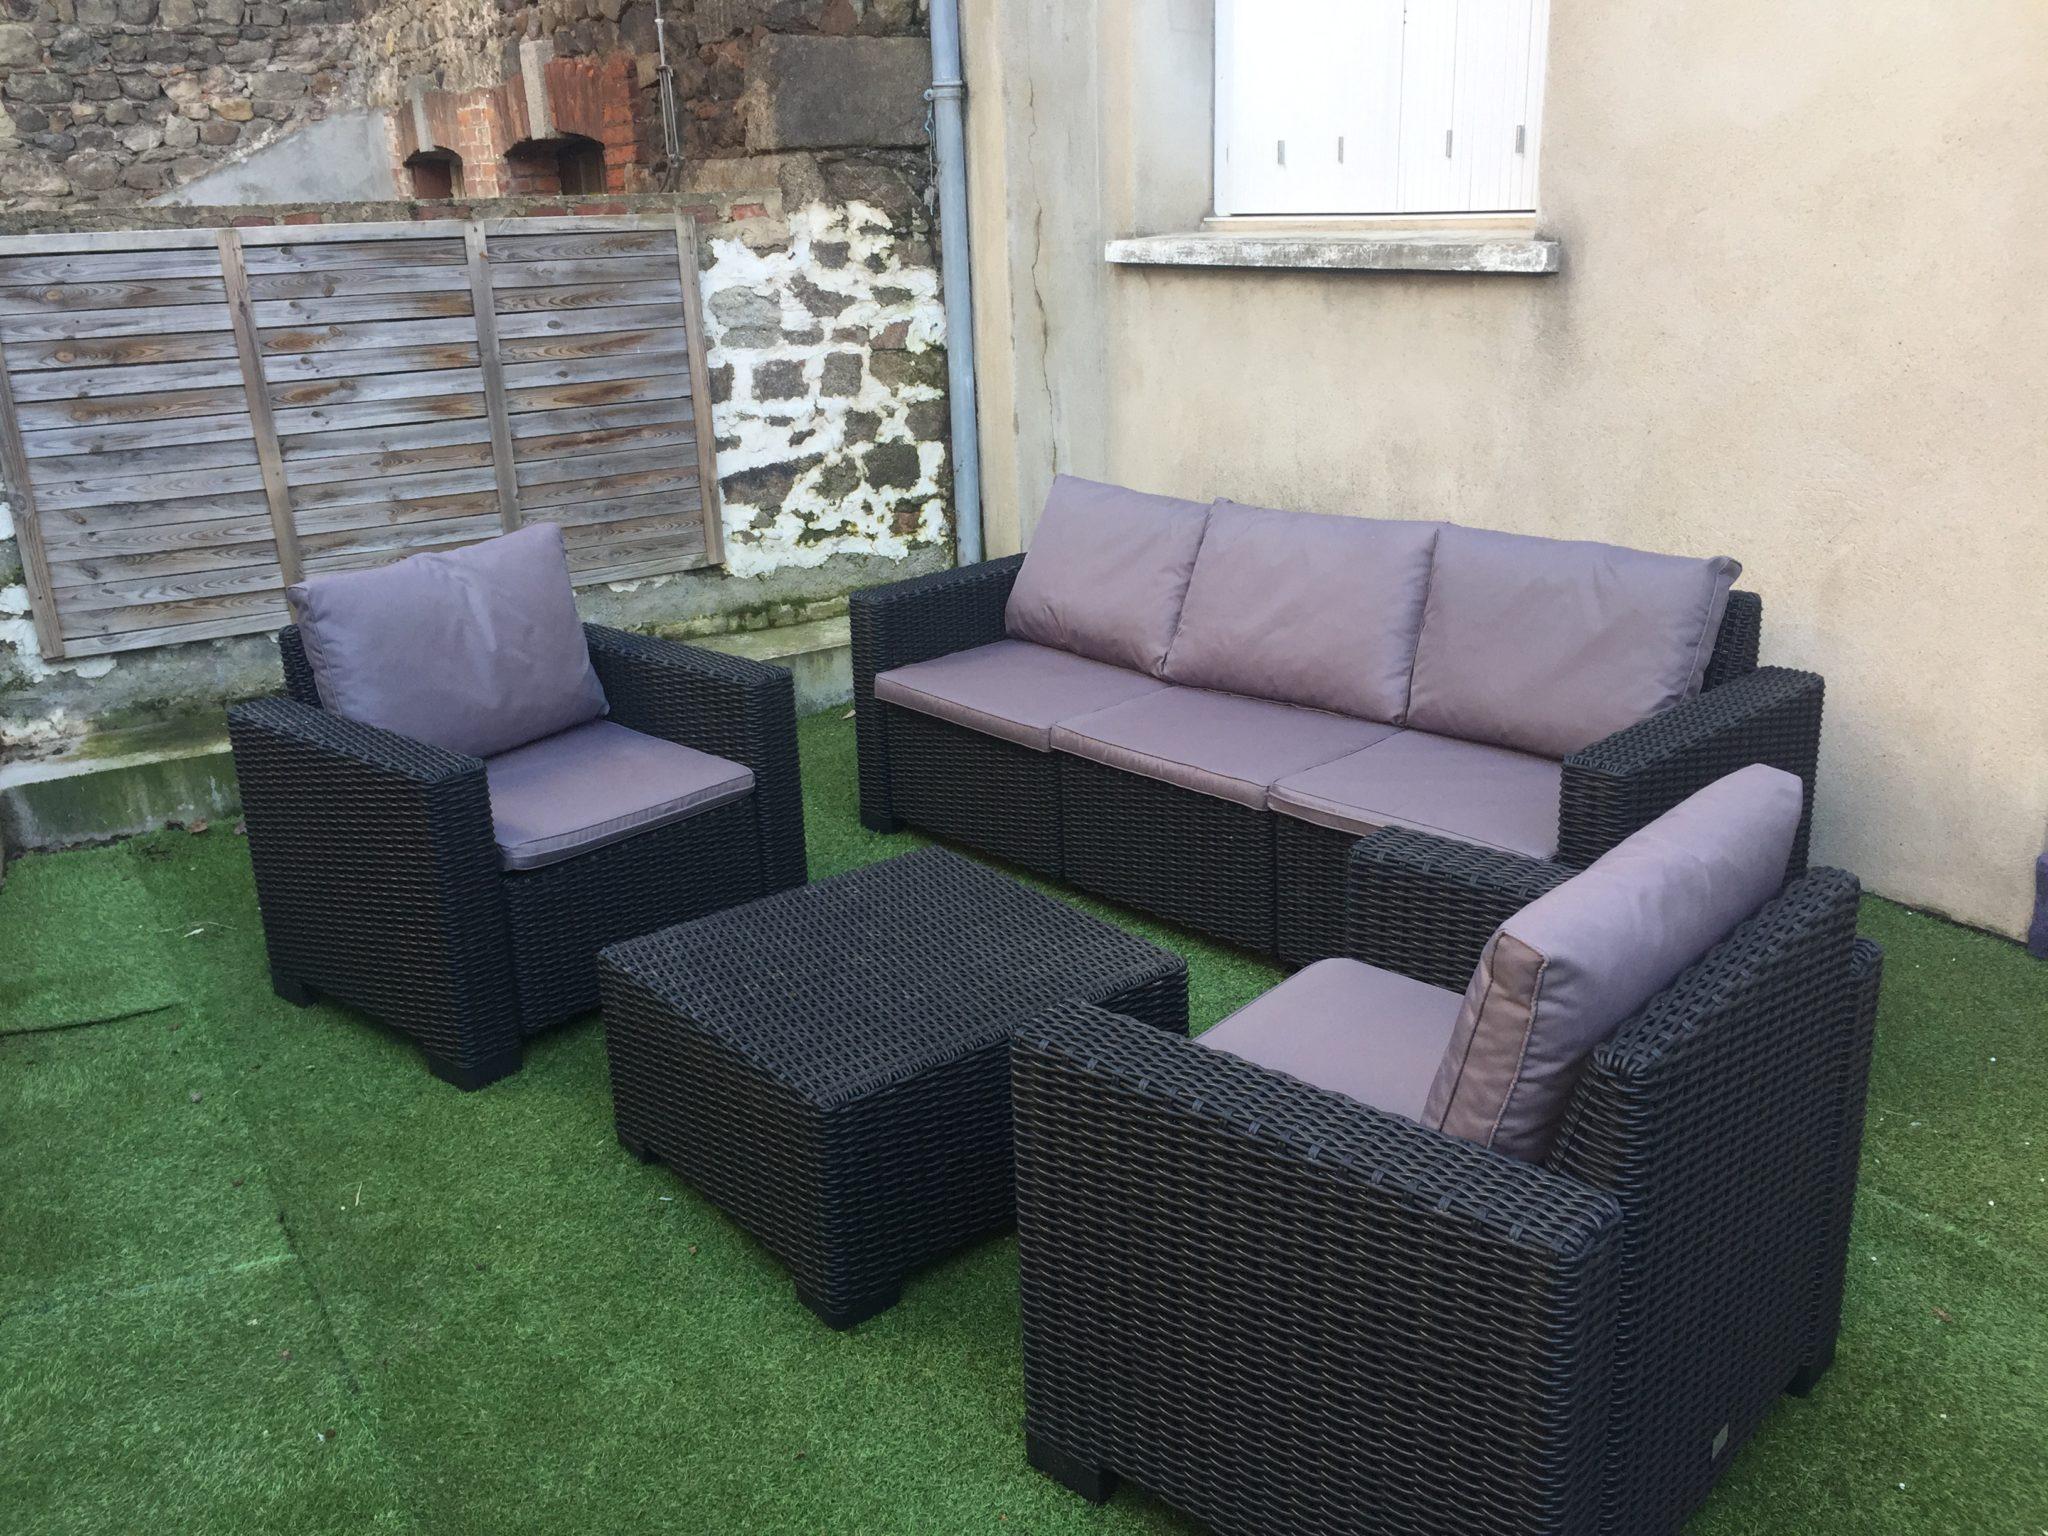 Salon De Jardin 5 Places Allibert pour Salon De Jardin Resine Occasion